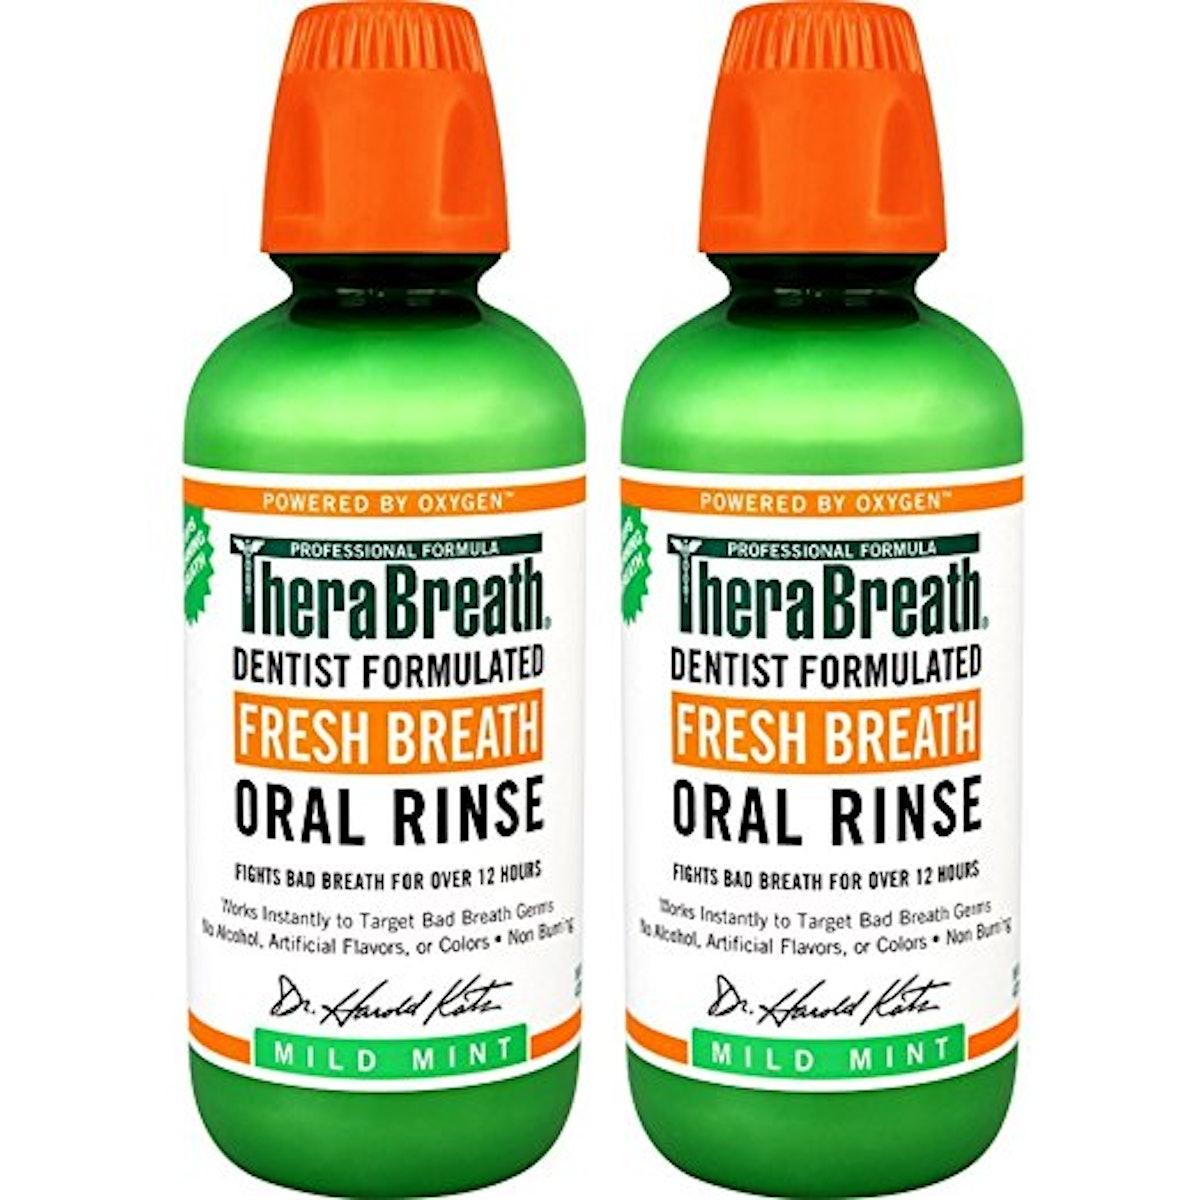 TheraBreath Fresh Breath Dentist Formulated Oral Rinse